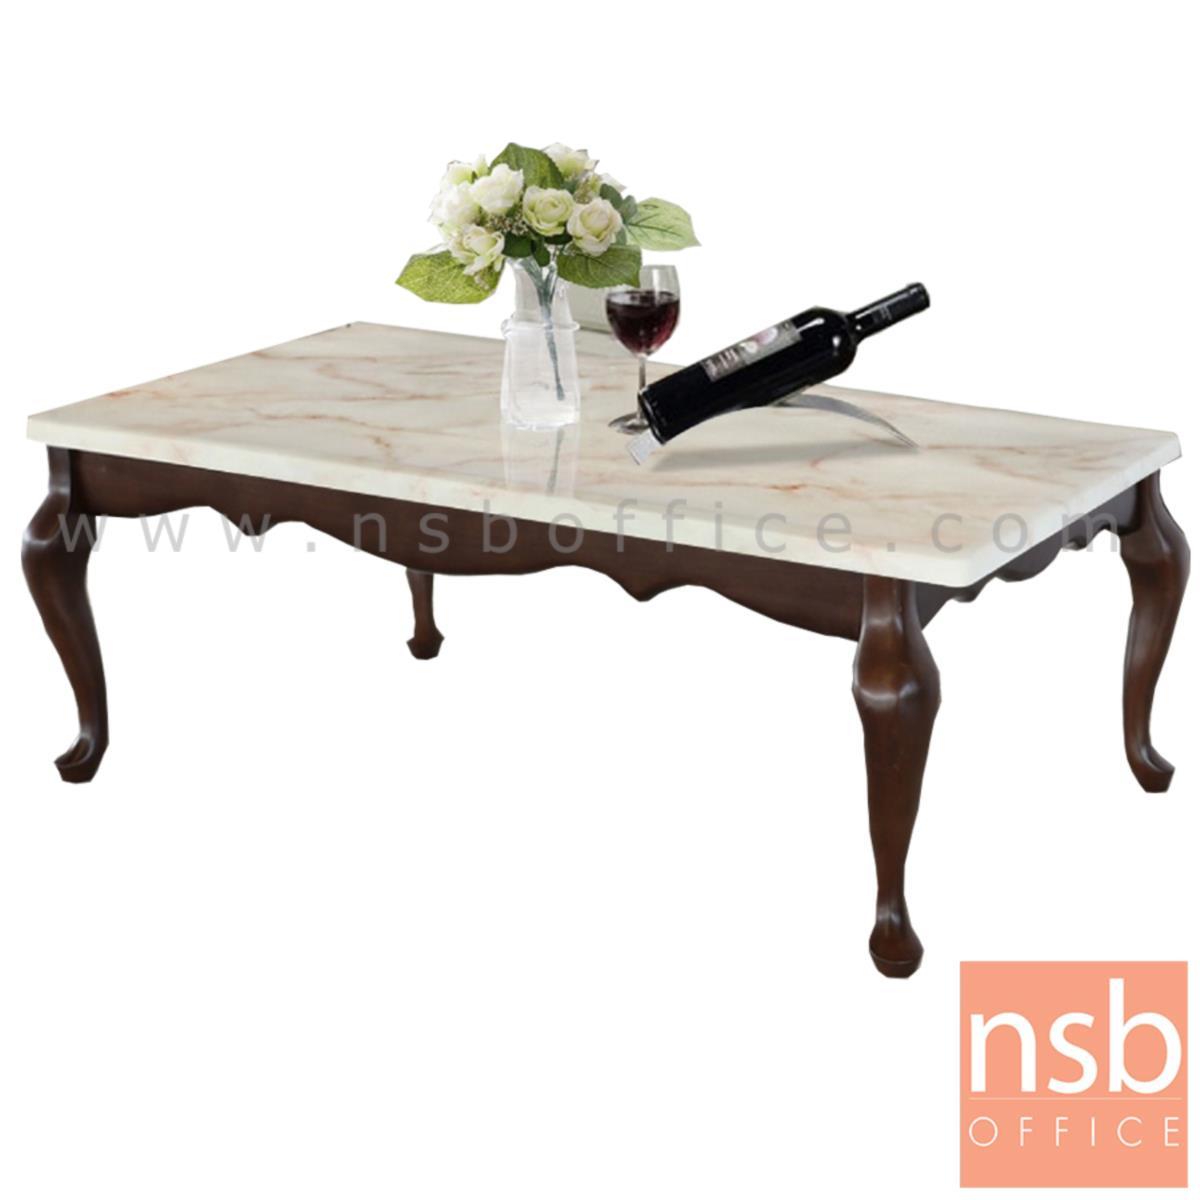 B13A267:โต๊ะกลางหินอ่อน รุ่น Ella (เอลล่า)  ขาไม้